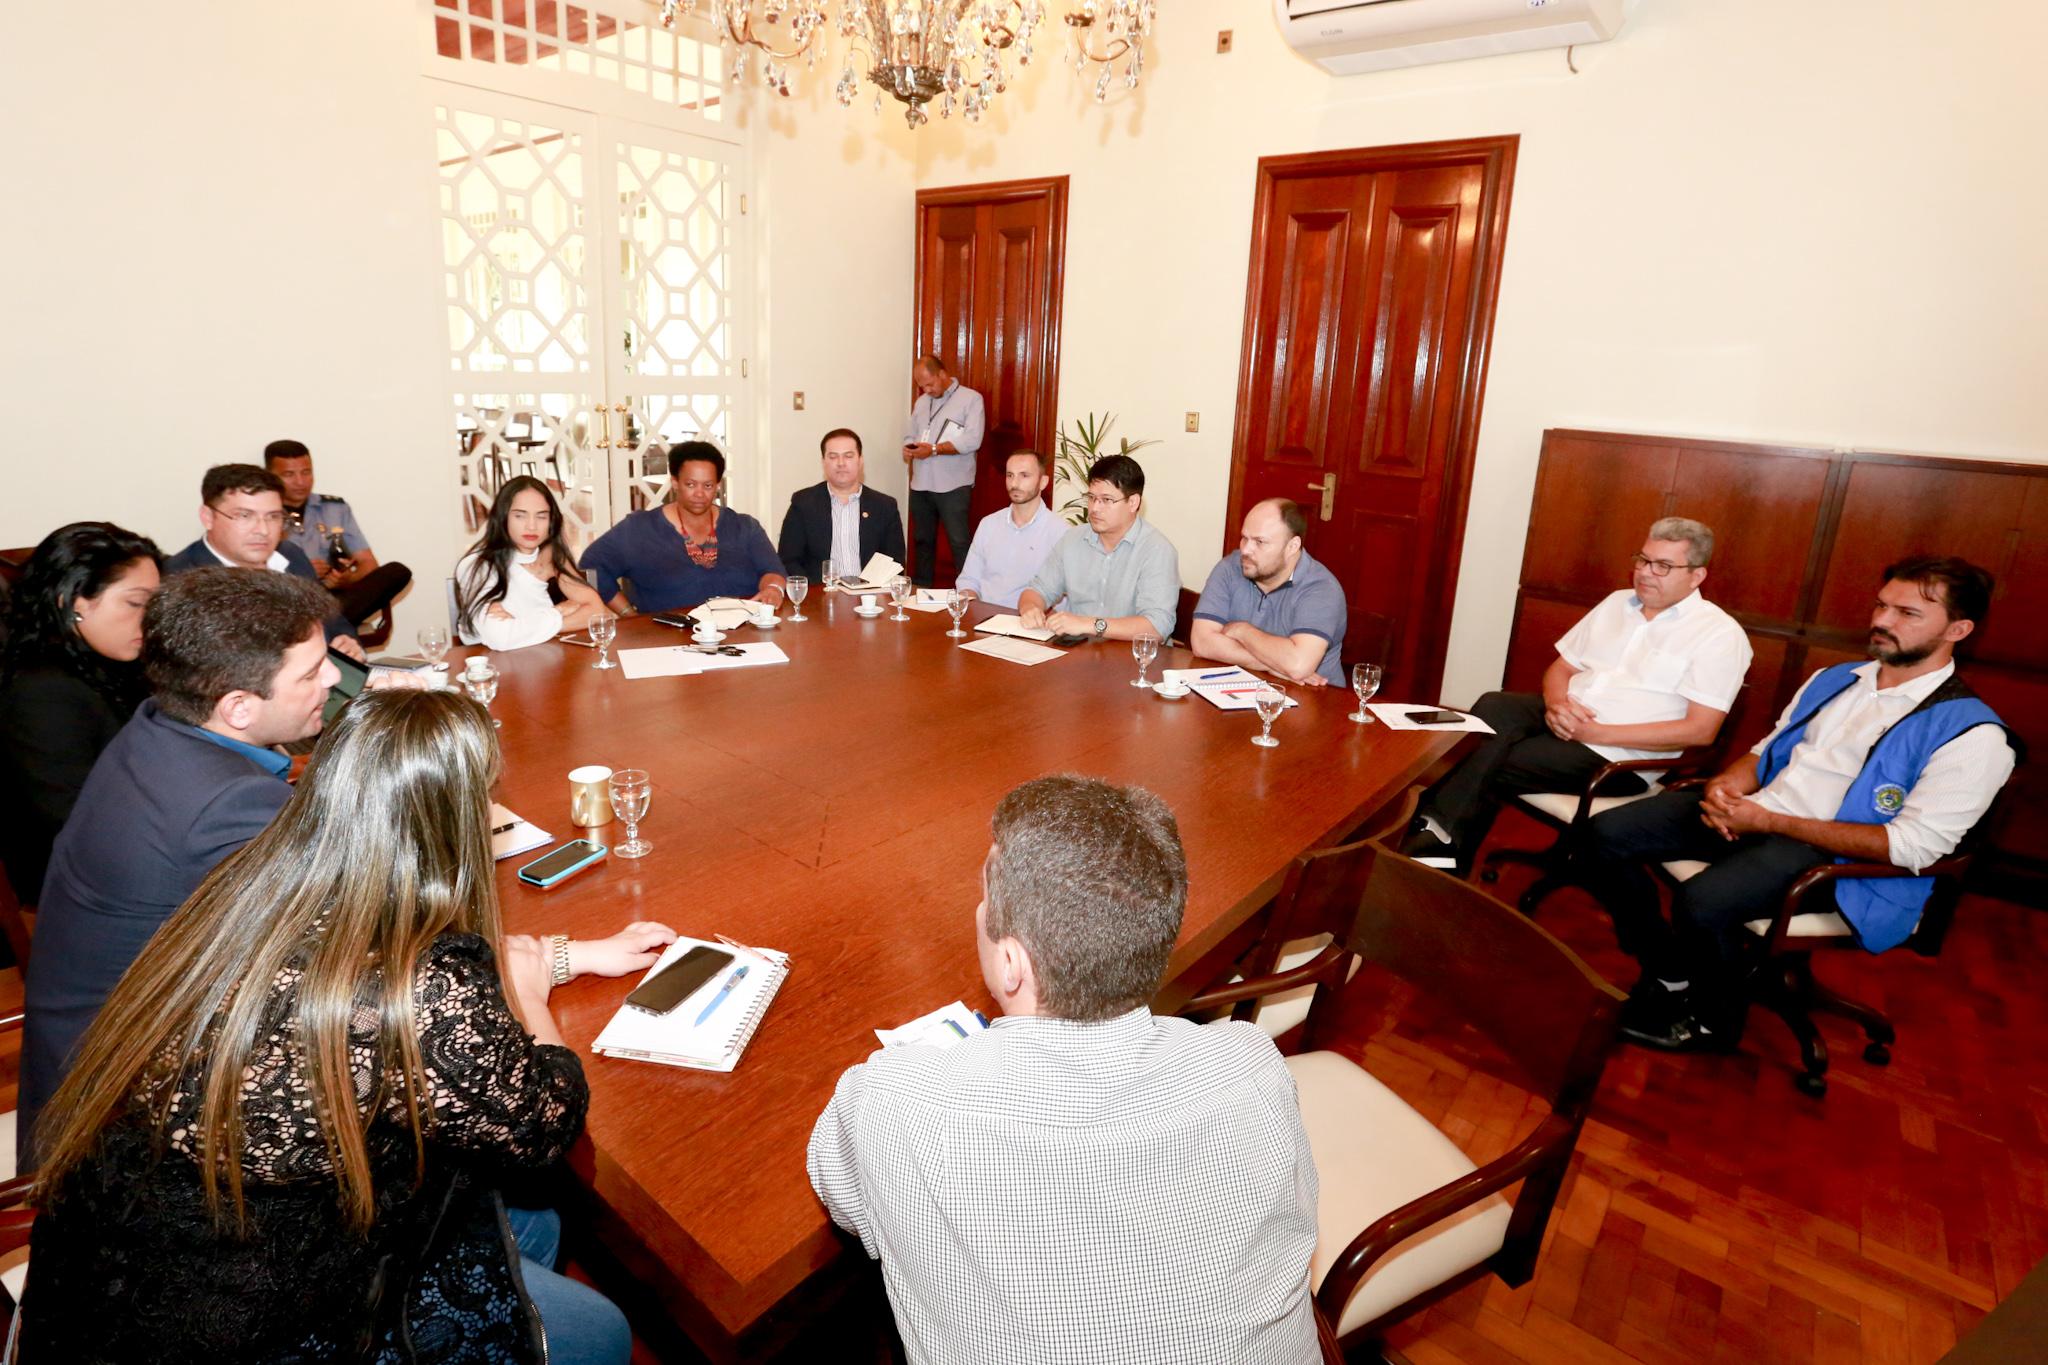 Equipe do BNDES começa negociação com governo para retomada do crédito